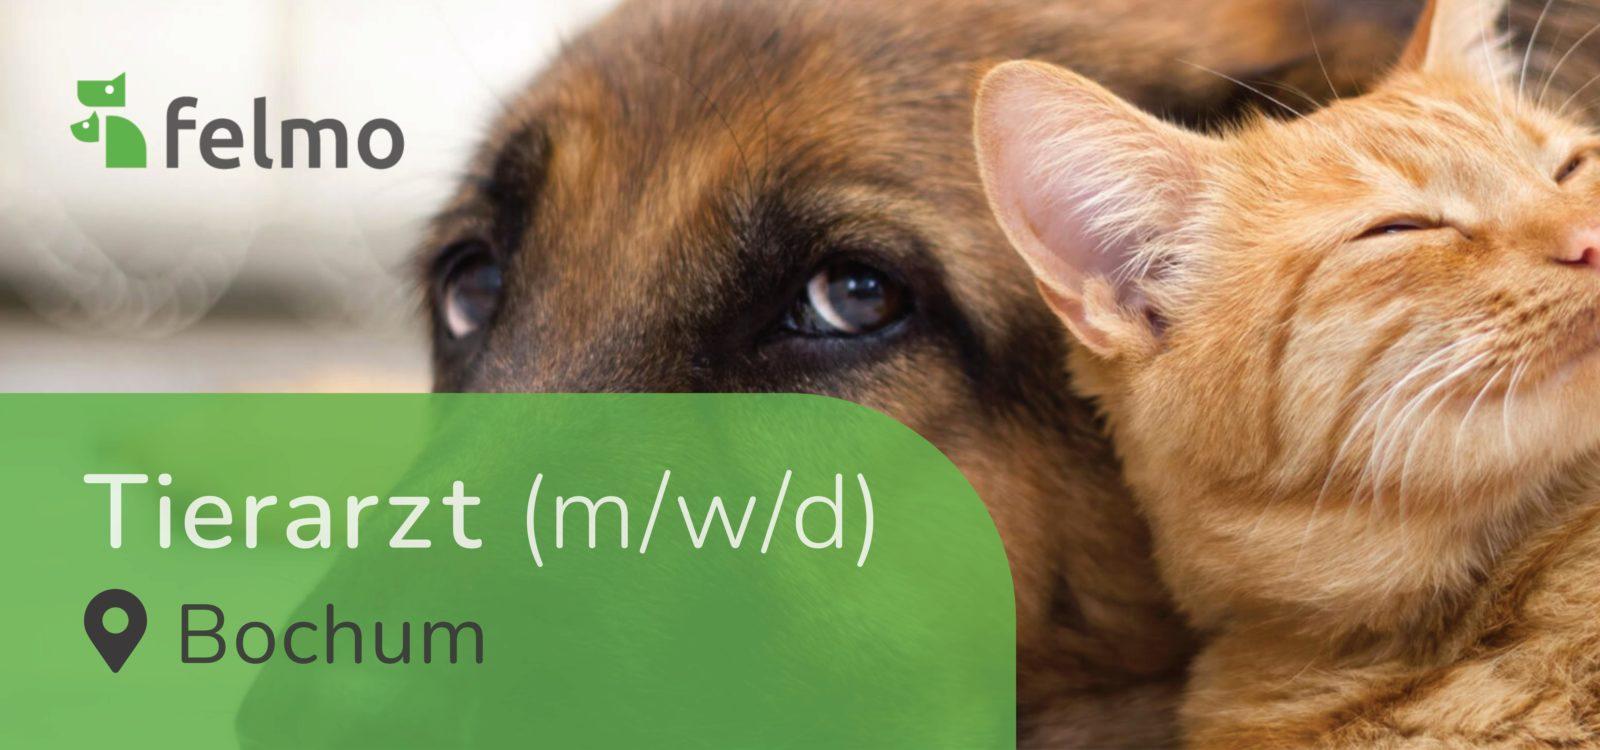 felmo GmbH - Tierärztin/Tierarzt (m/w/d) in Bochum gesucht